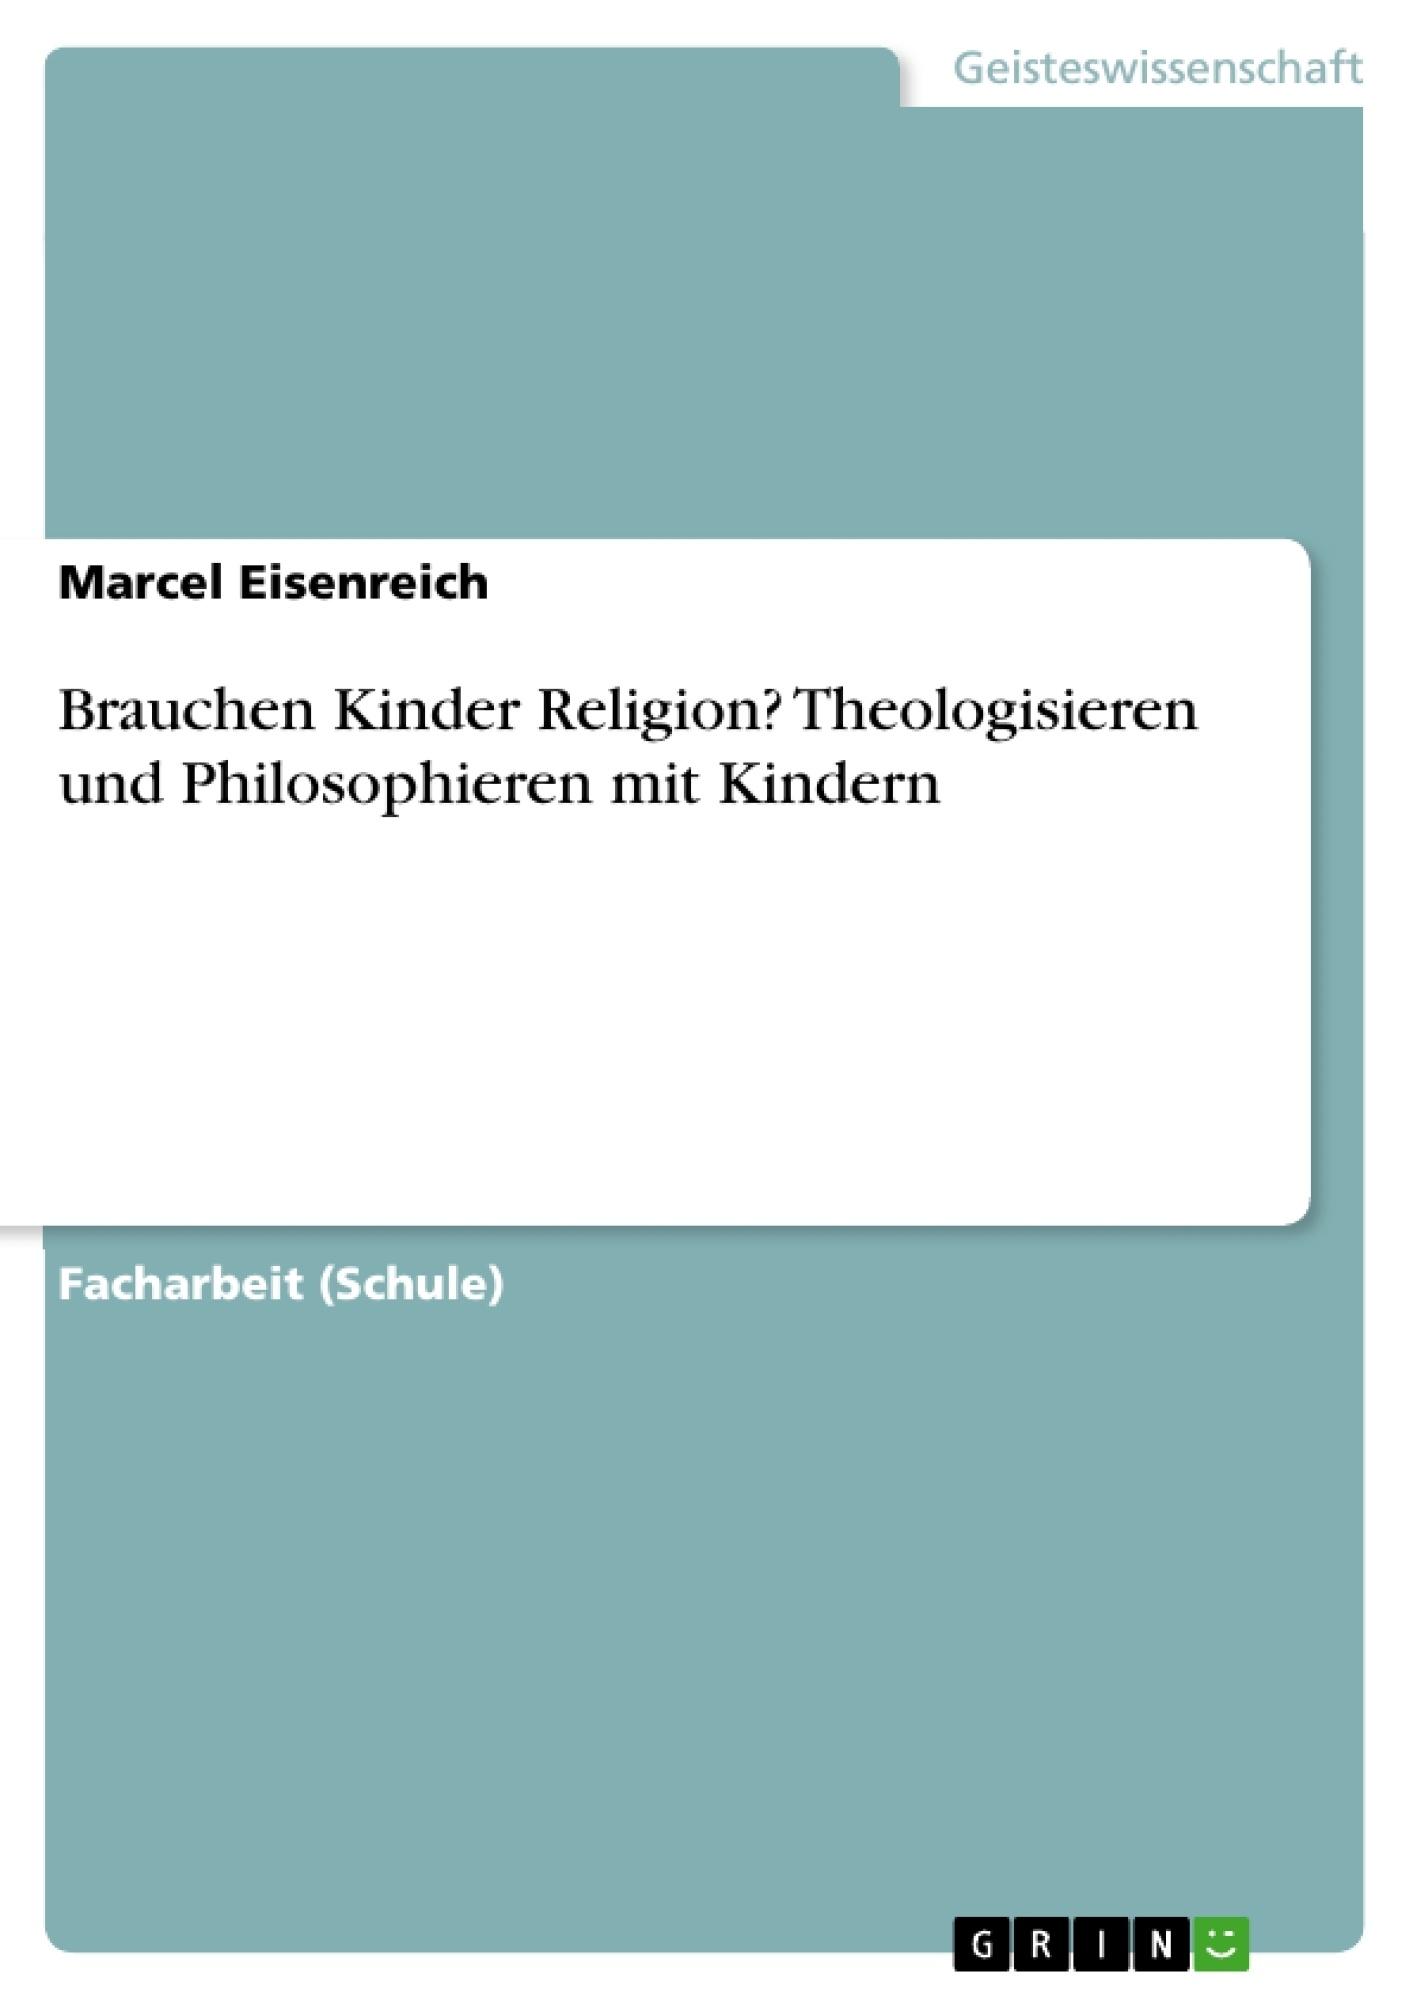 Titel: Brauchen Kinder Religion? Theologisieren und Philosophieren mit Kindern